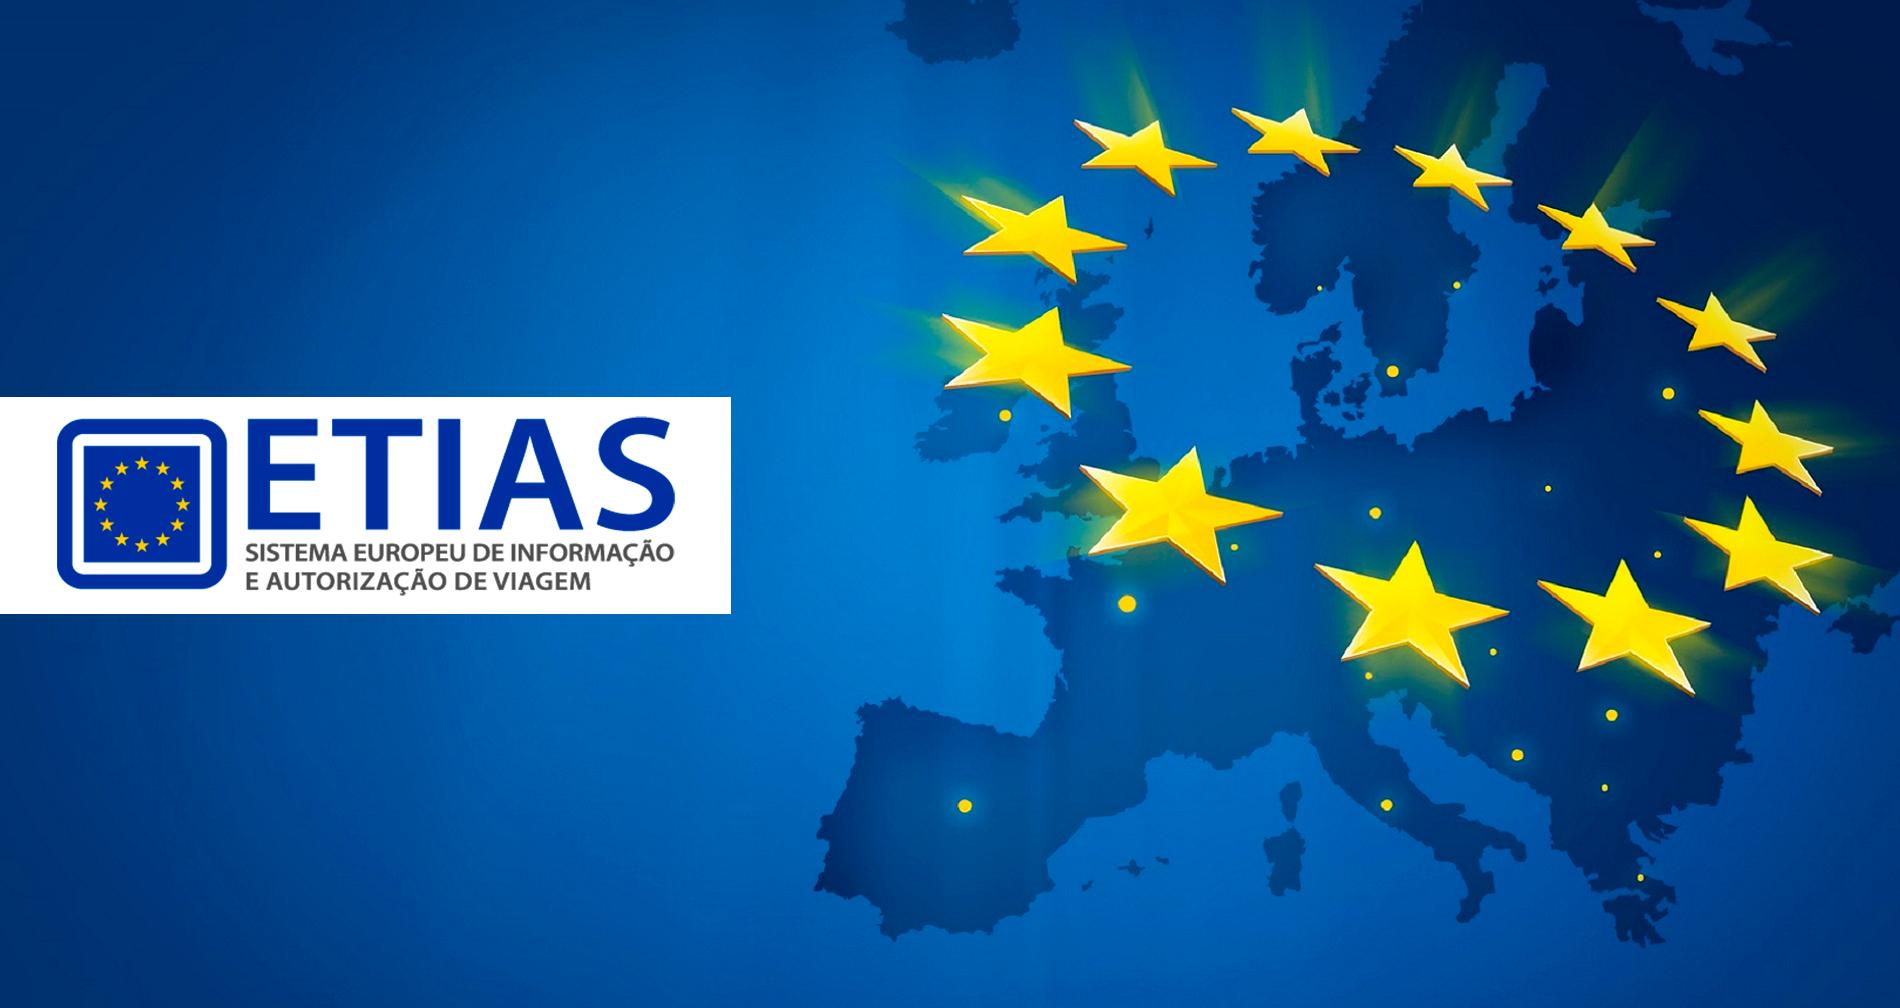 Conheça o ETIAS - A autorização de viagem para o espaço Schengen